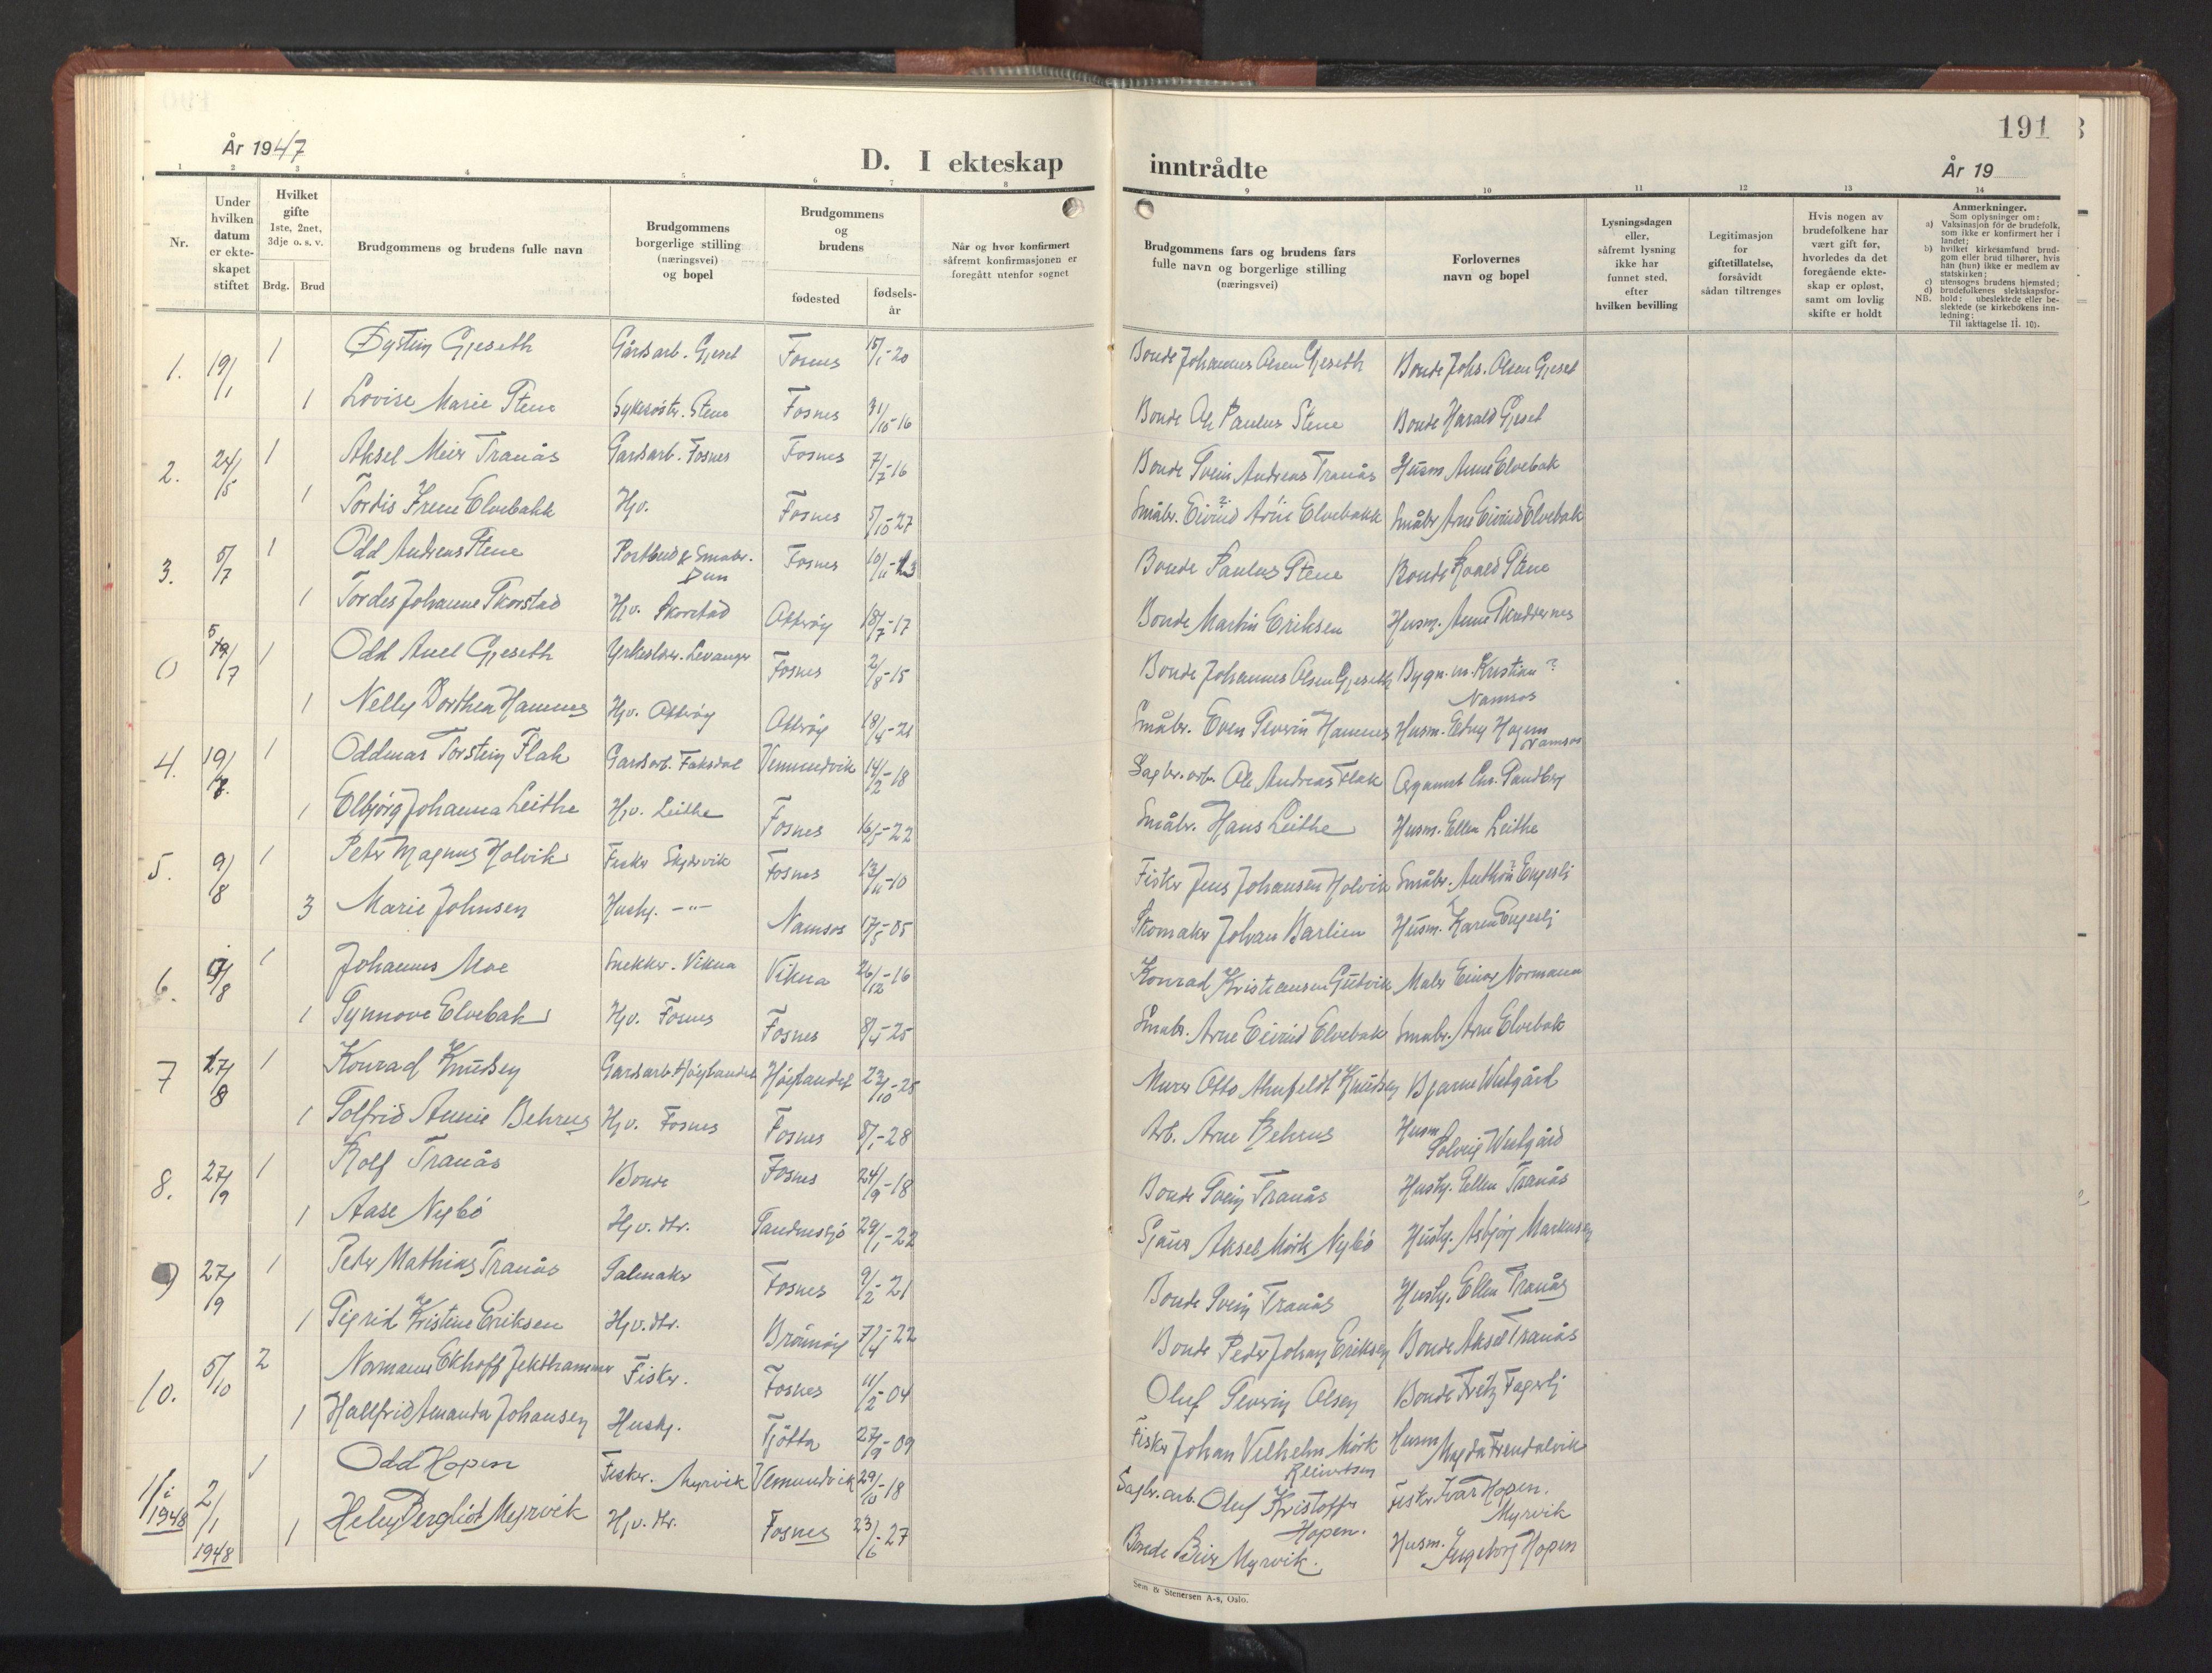 SAT, Ministerialprotokoller, klokkerbøker og fødselsregistre - Nord-Trøndelag, 773/L0625: Klokkerbok nr. 773C01, 1910-1952, s. 191